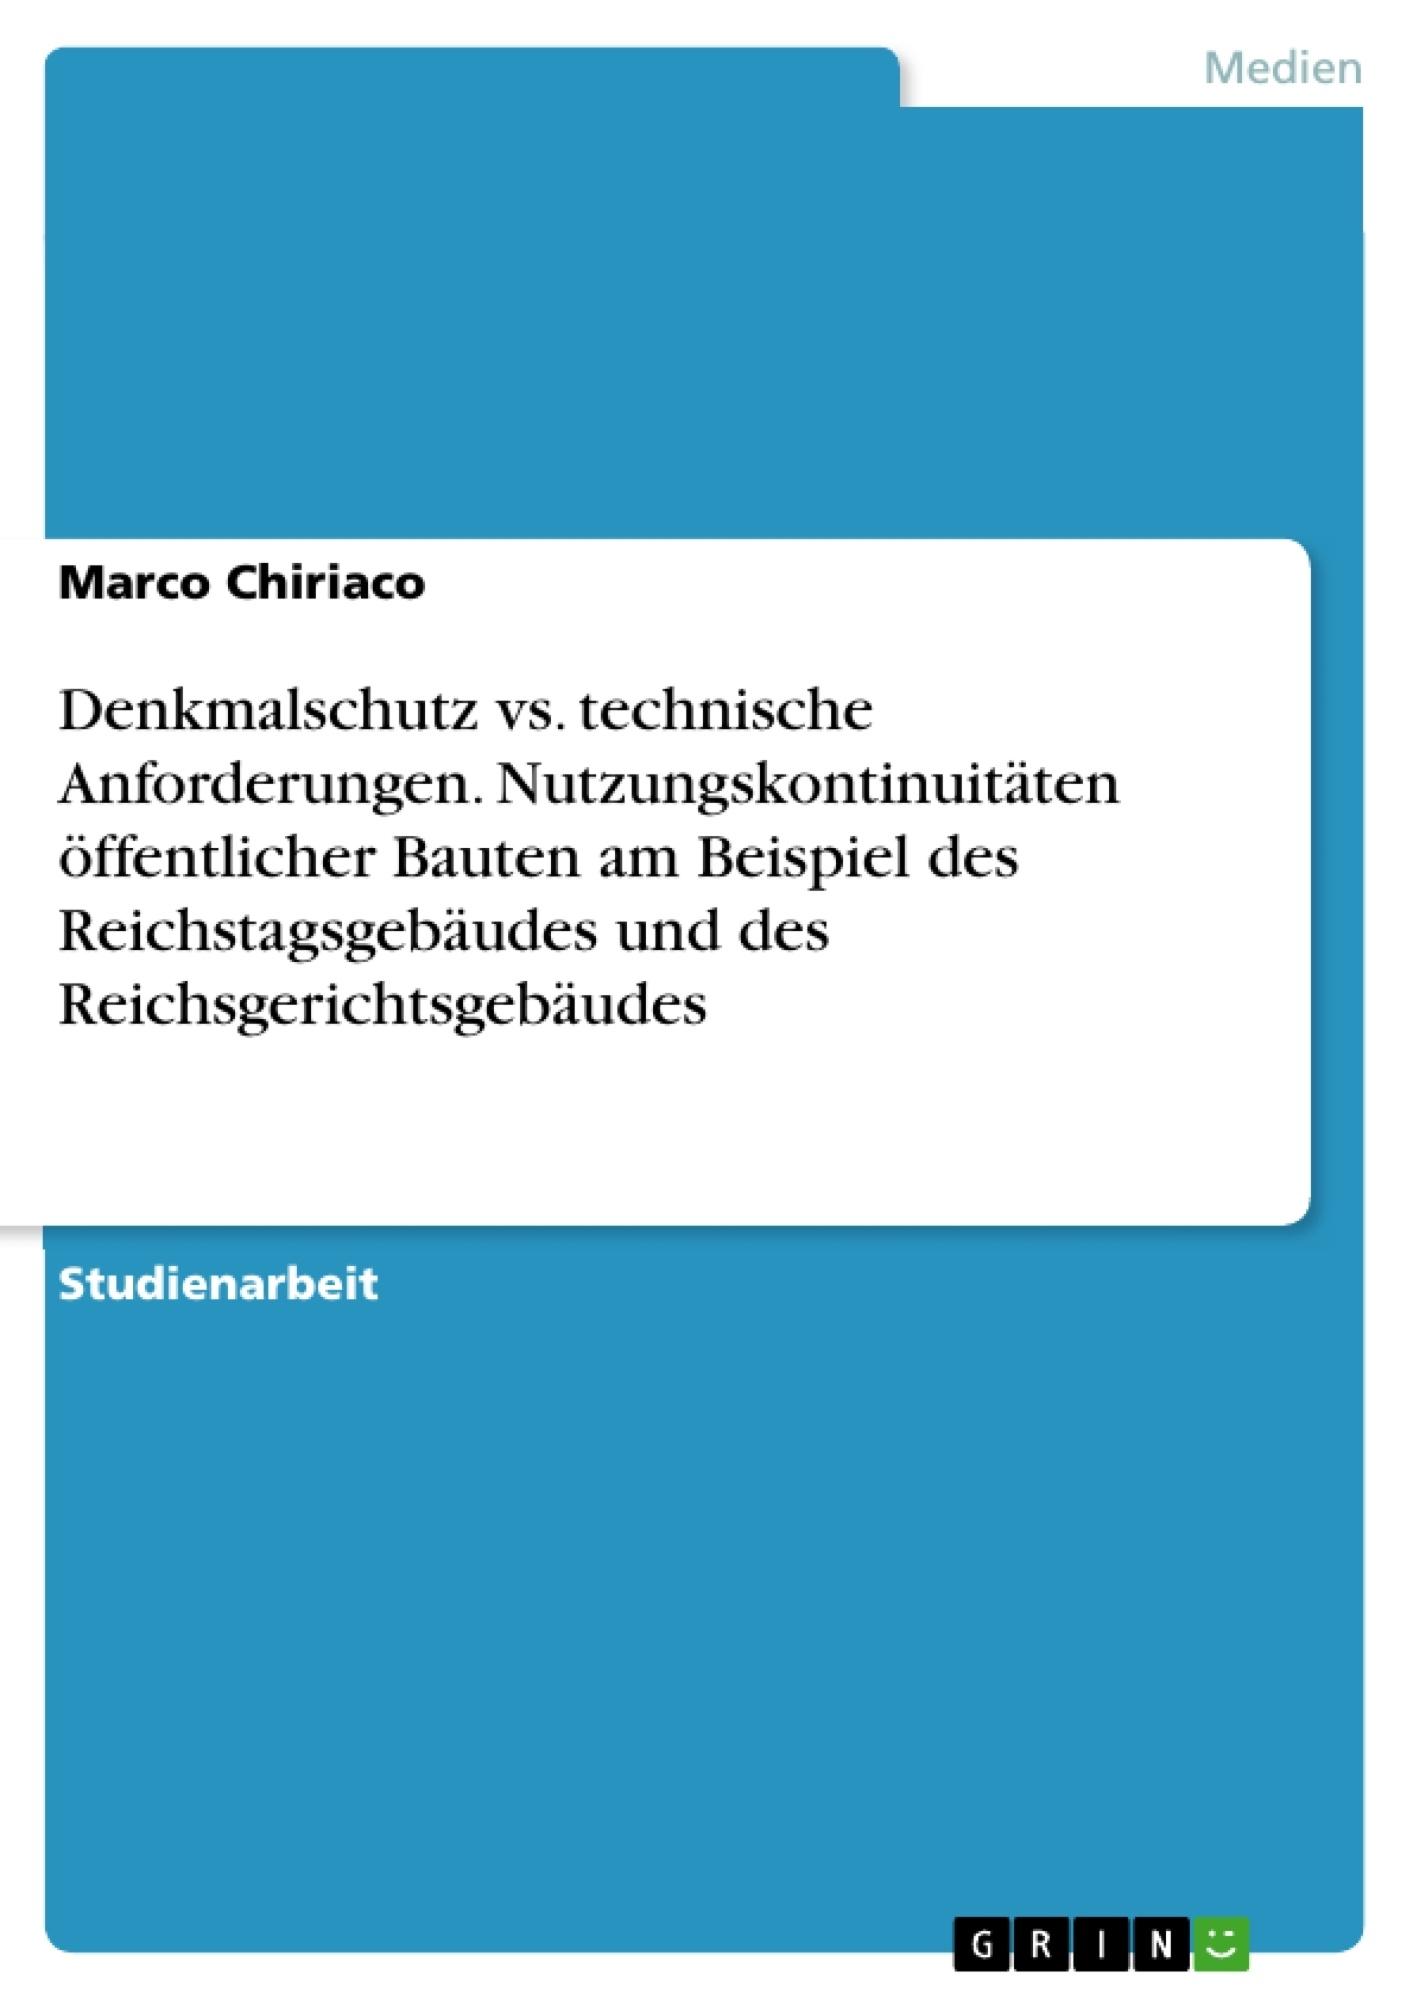 Titel: Denkmalschutz vs. technische Anforderungen. Nutzungskontinuitäten öffentlicher Bauten am Beispiel des Reichstagsgebäudes und des Reichsgerichtsgebäudes